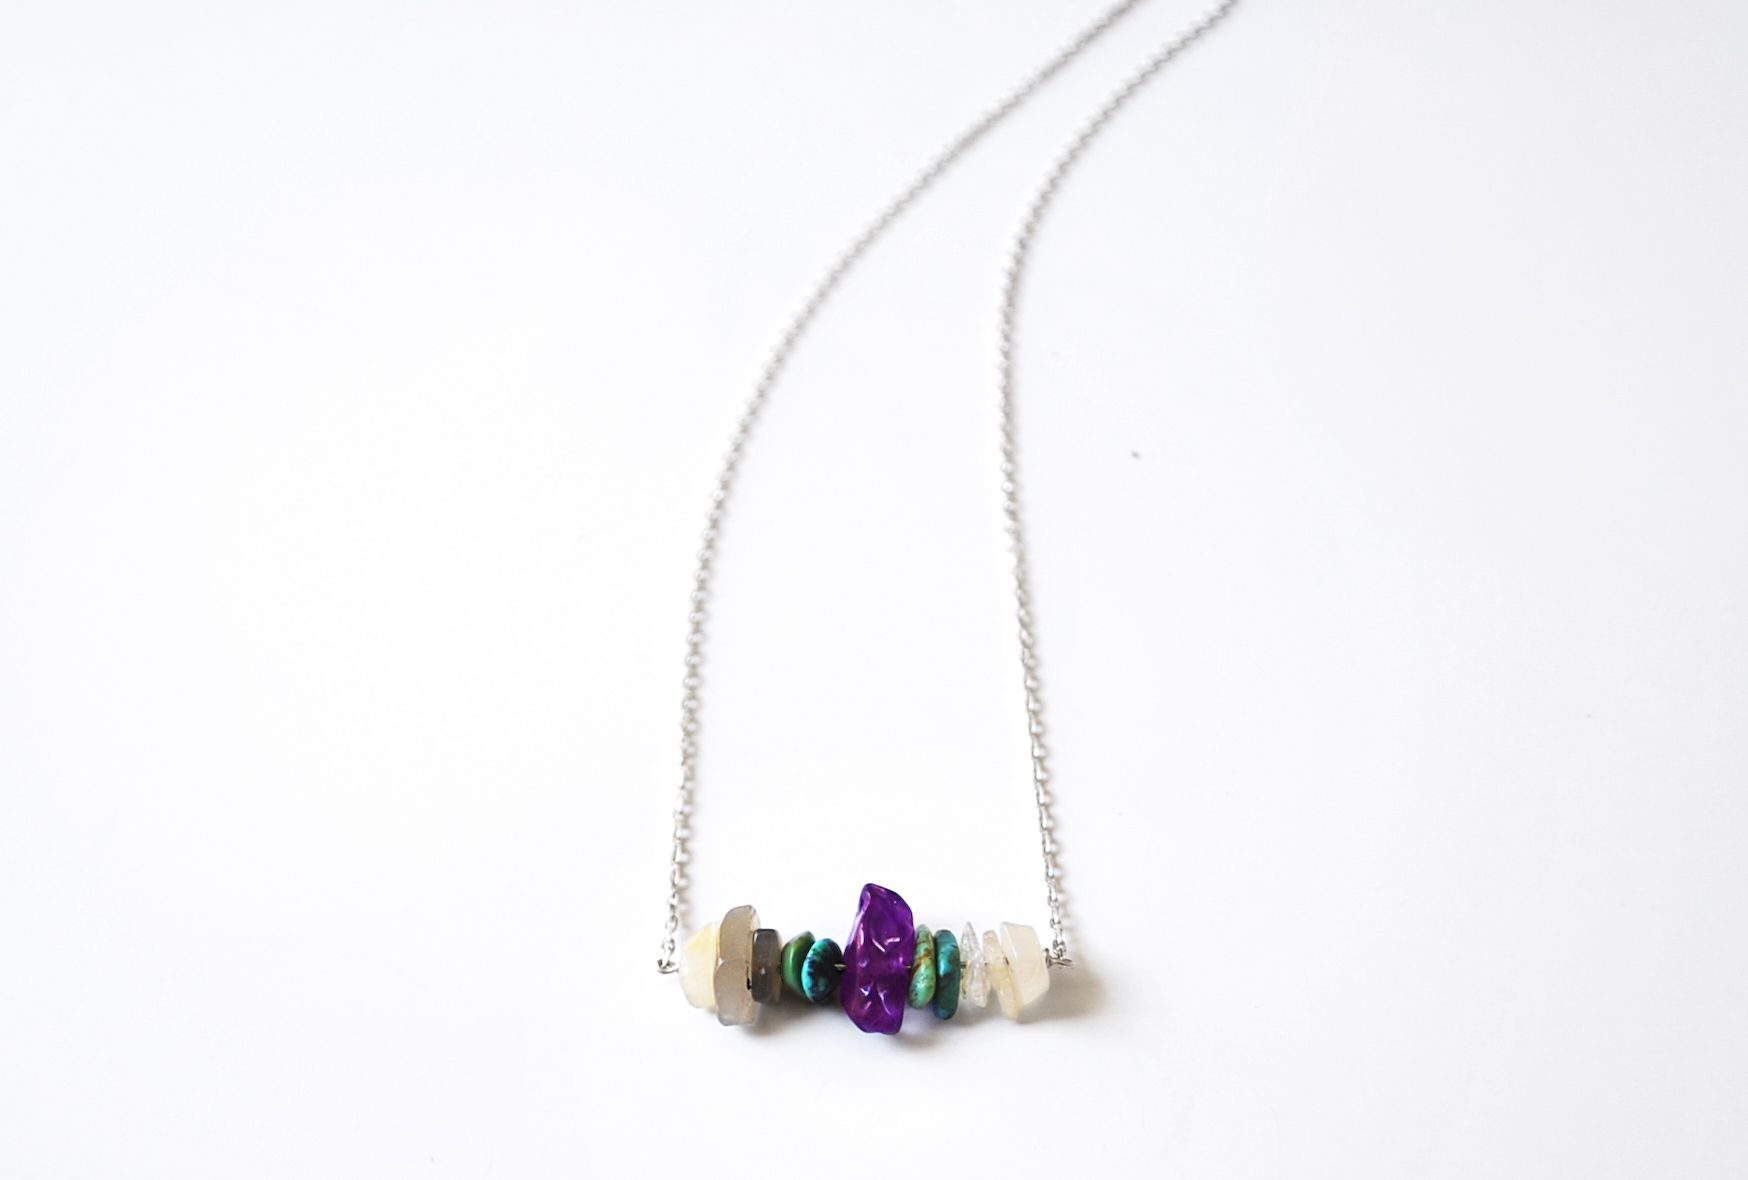 collier en argent amethyste, quartz et turquoise.  http://fr.dawanda.com/shop/elide